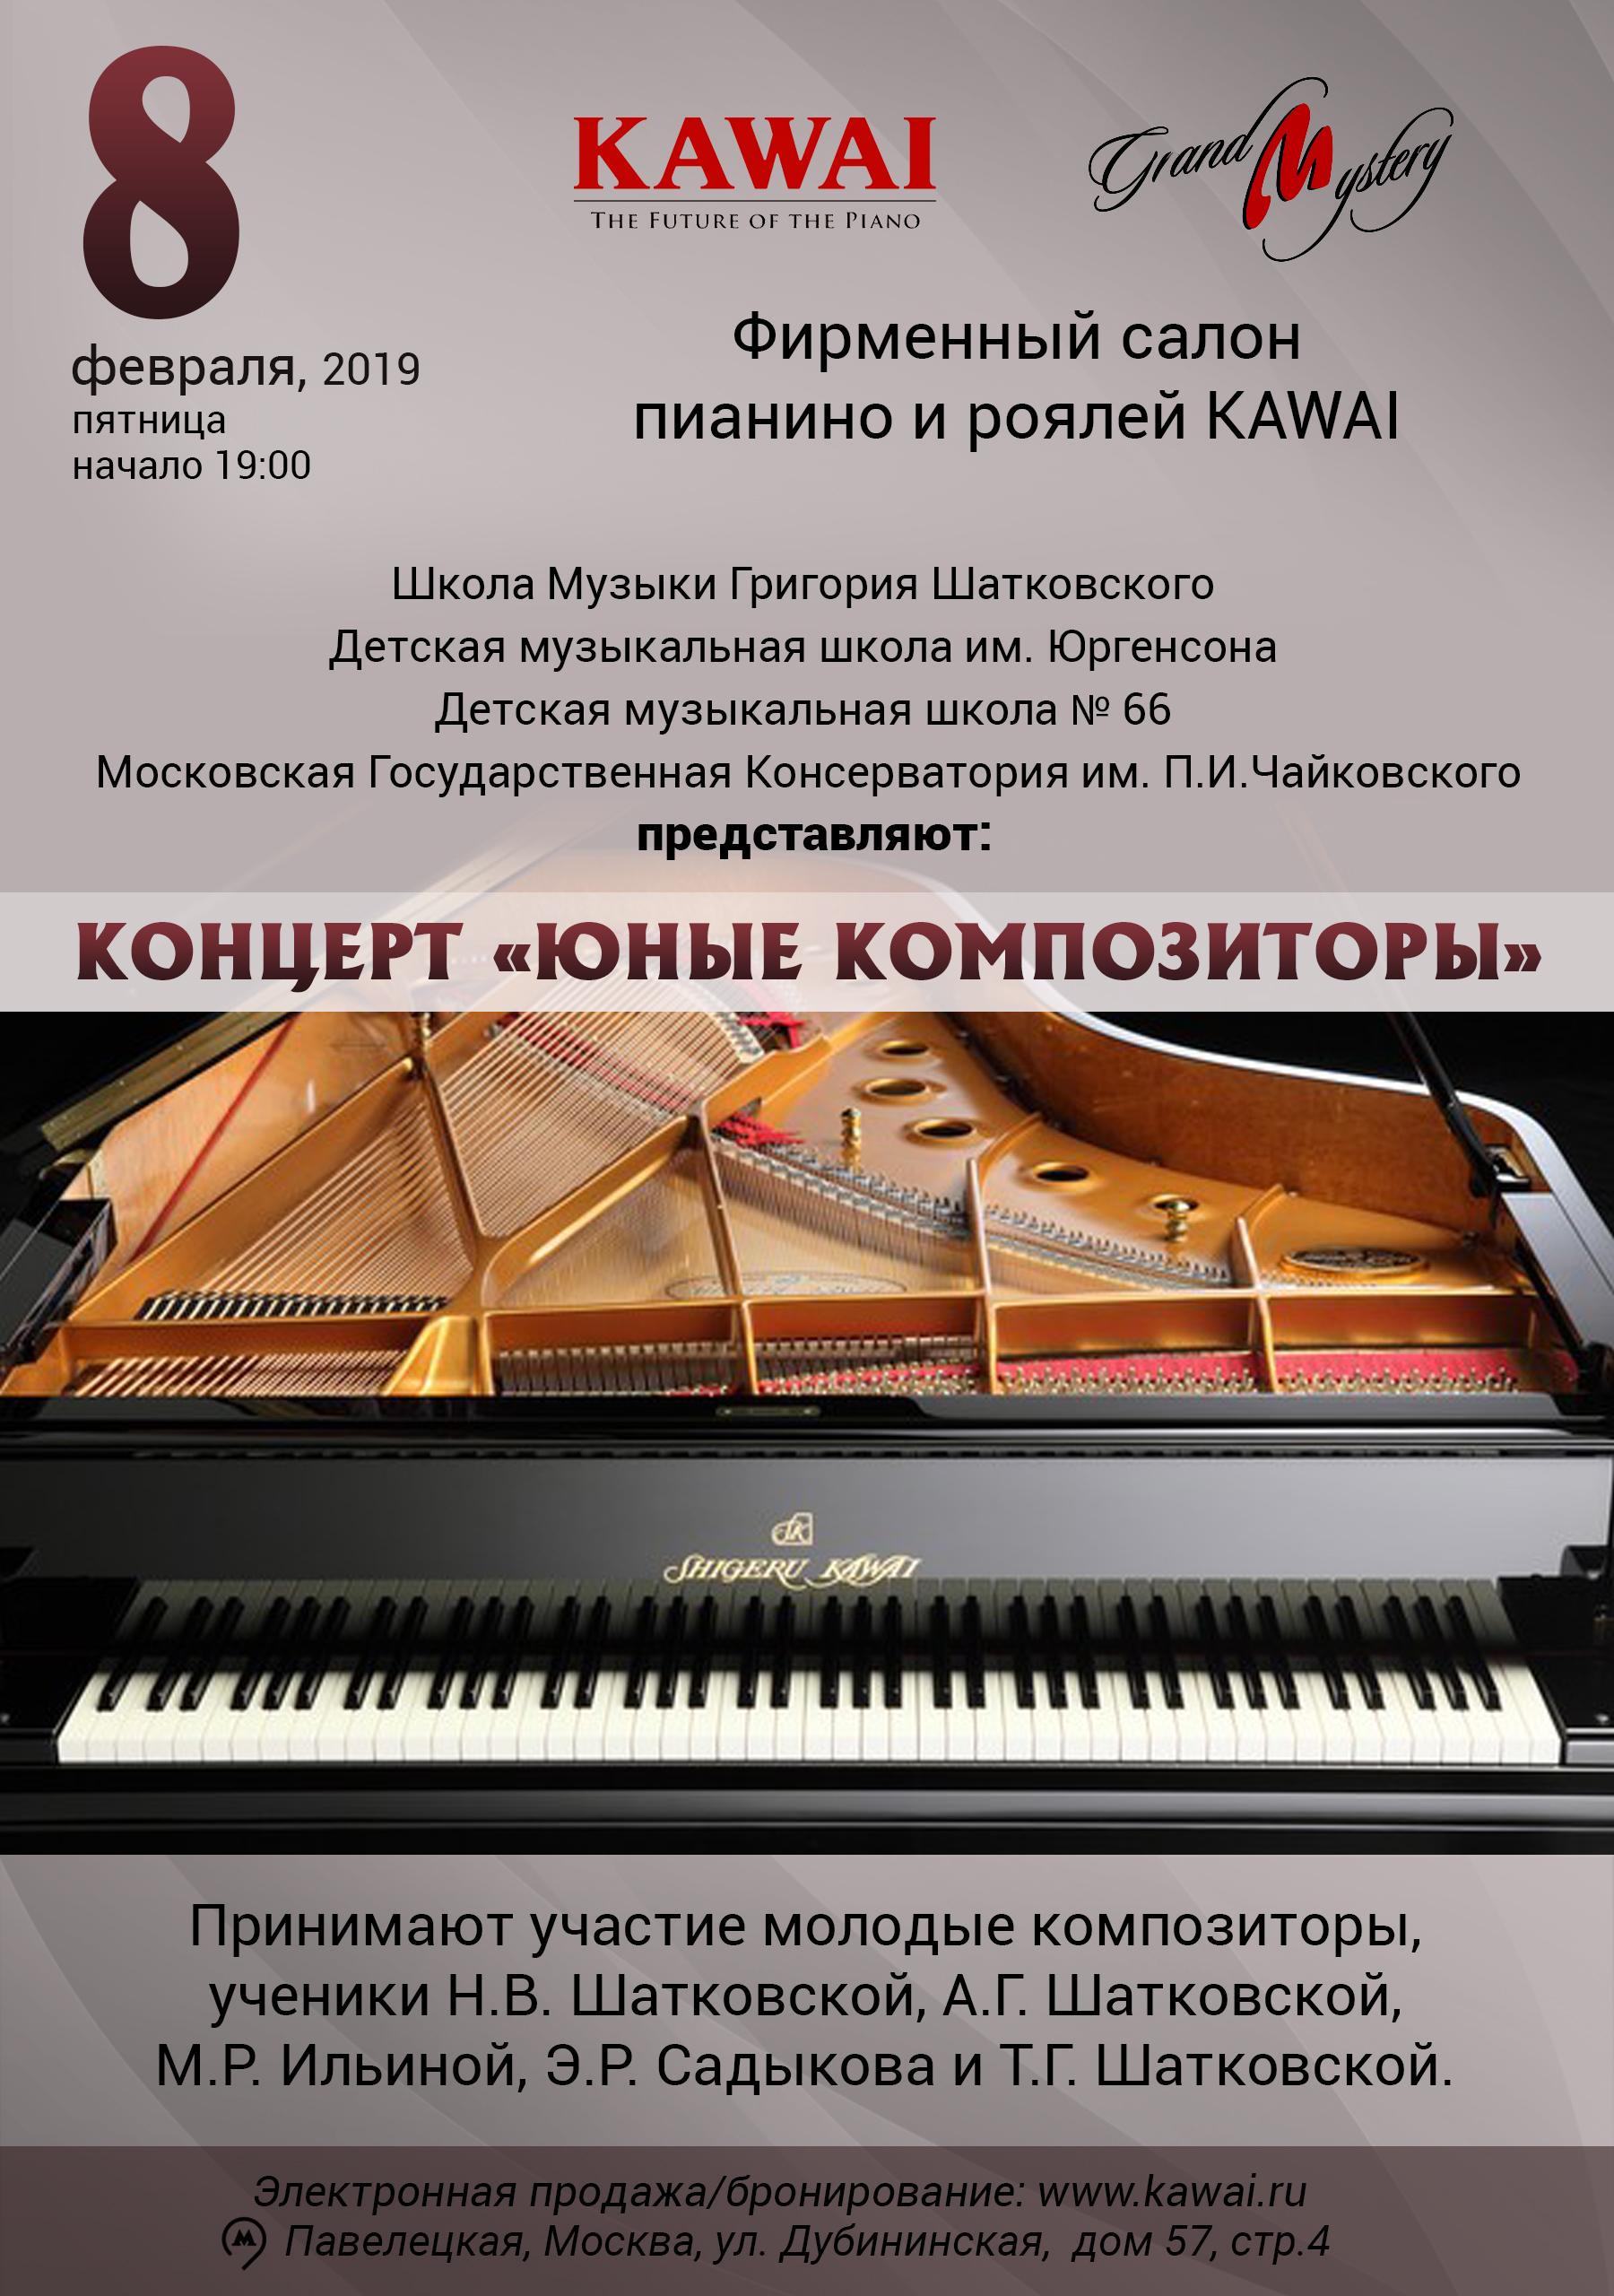 Концерт Юные композиторы